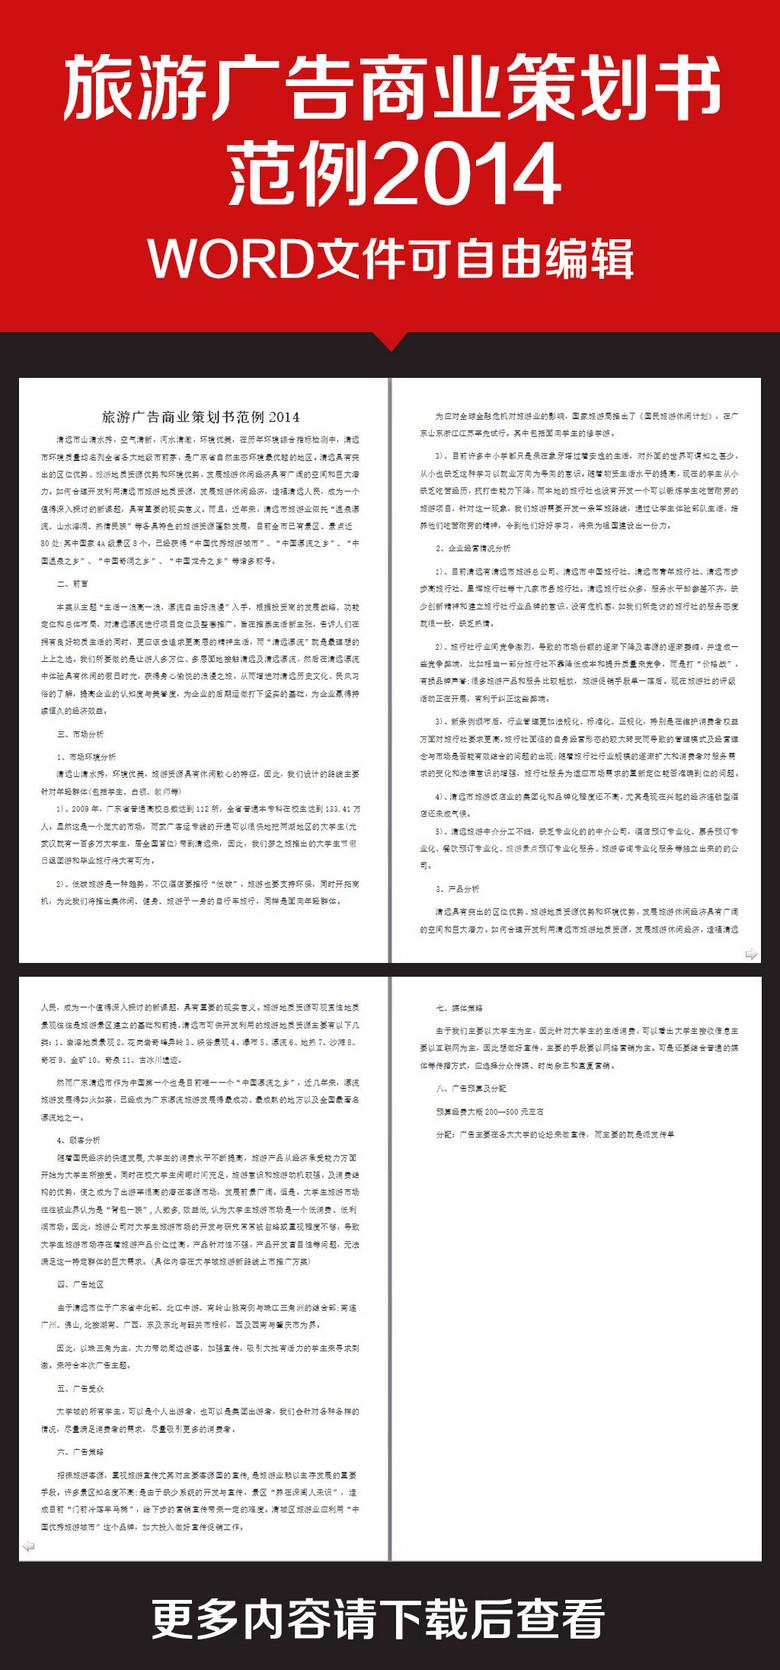 企业办公服务旅游广告商业策划书范例模板下载 word doc格式素材 图片0.94MB 商业策划书大全 商业策划